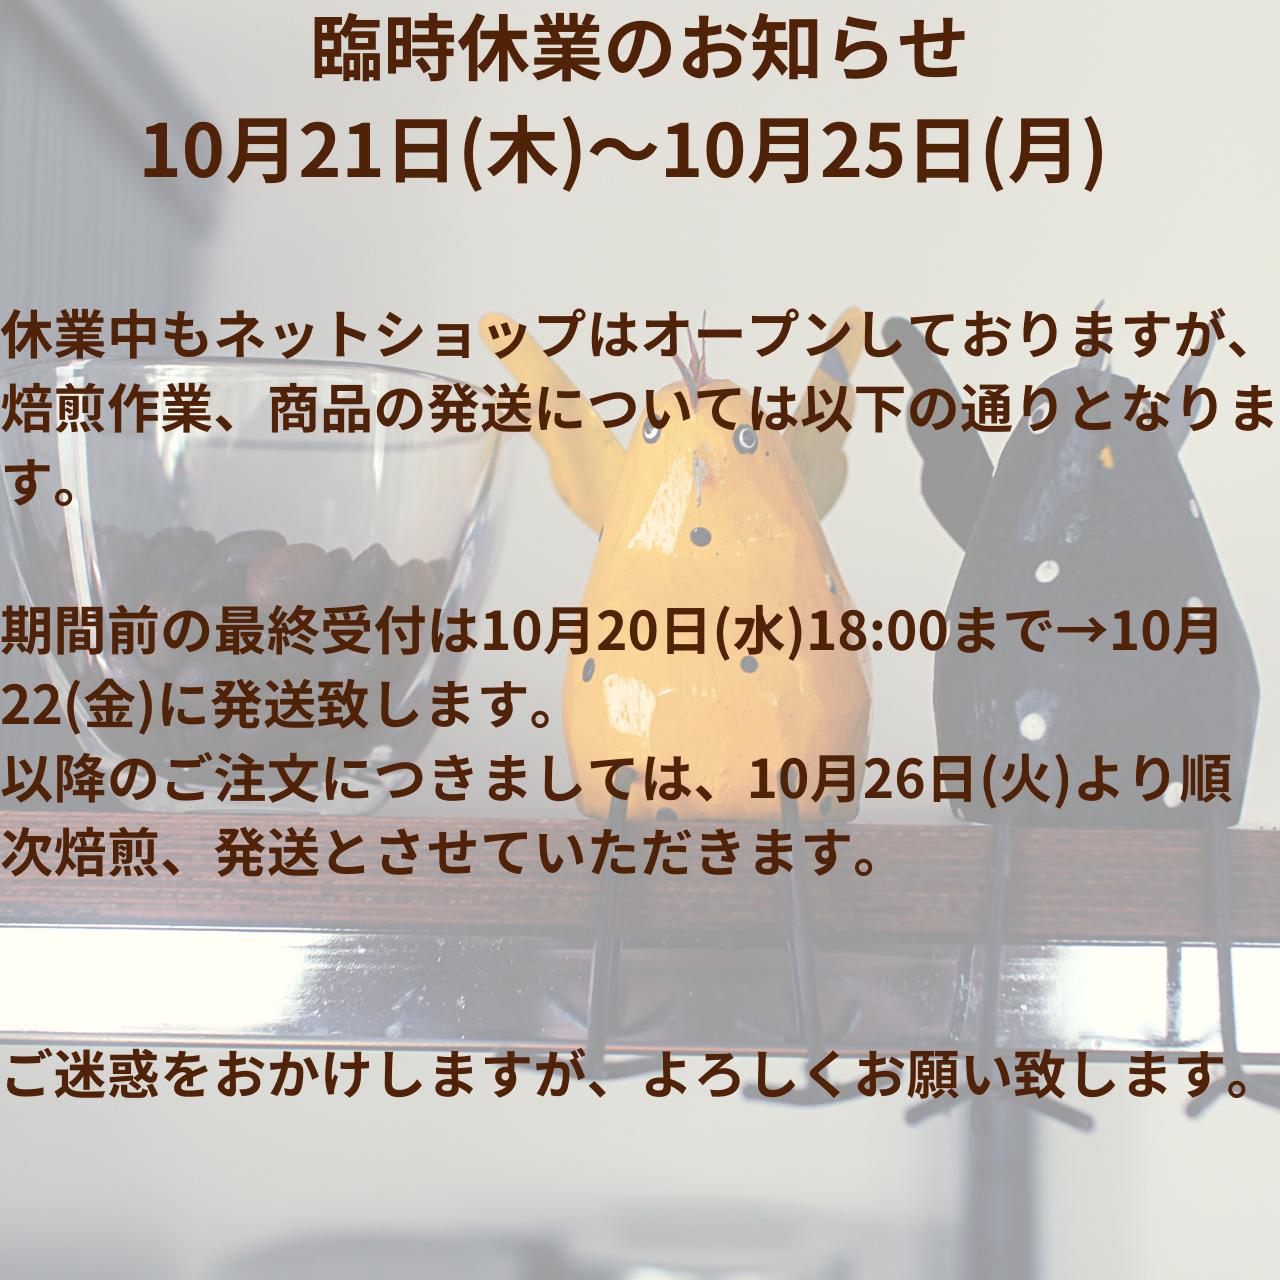 臨時休業のお知らせ 10月21日(木)~10月25日(月)